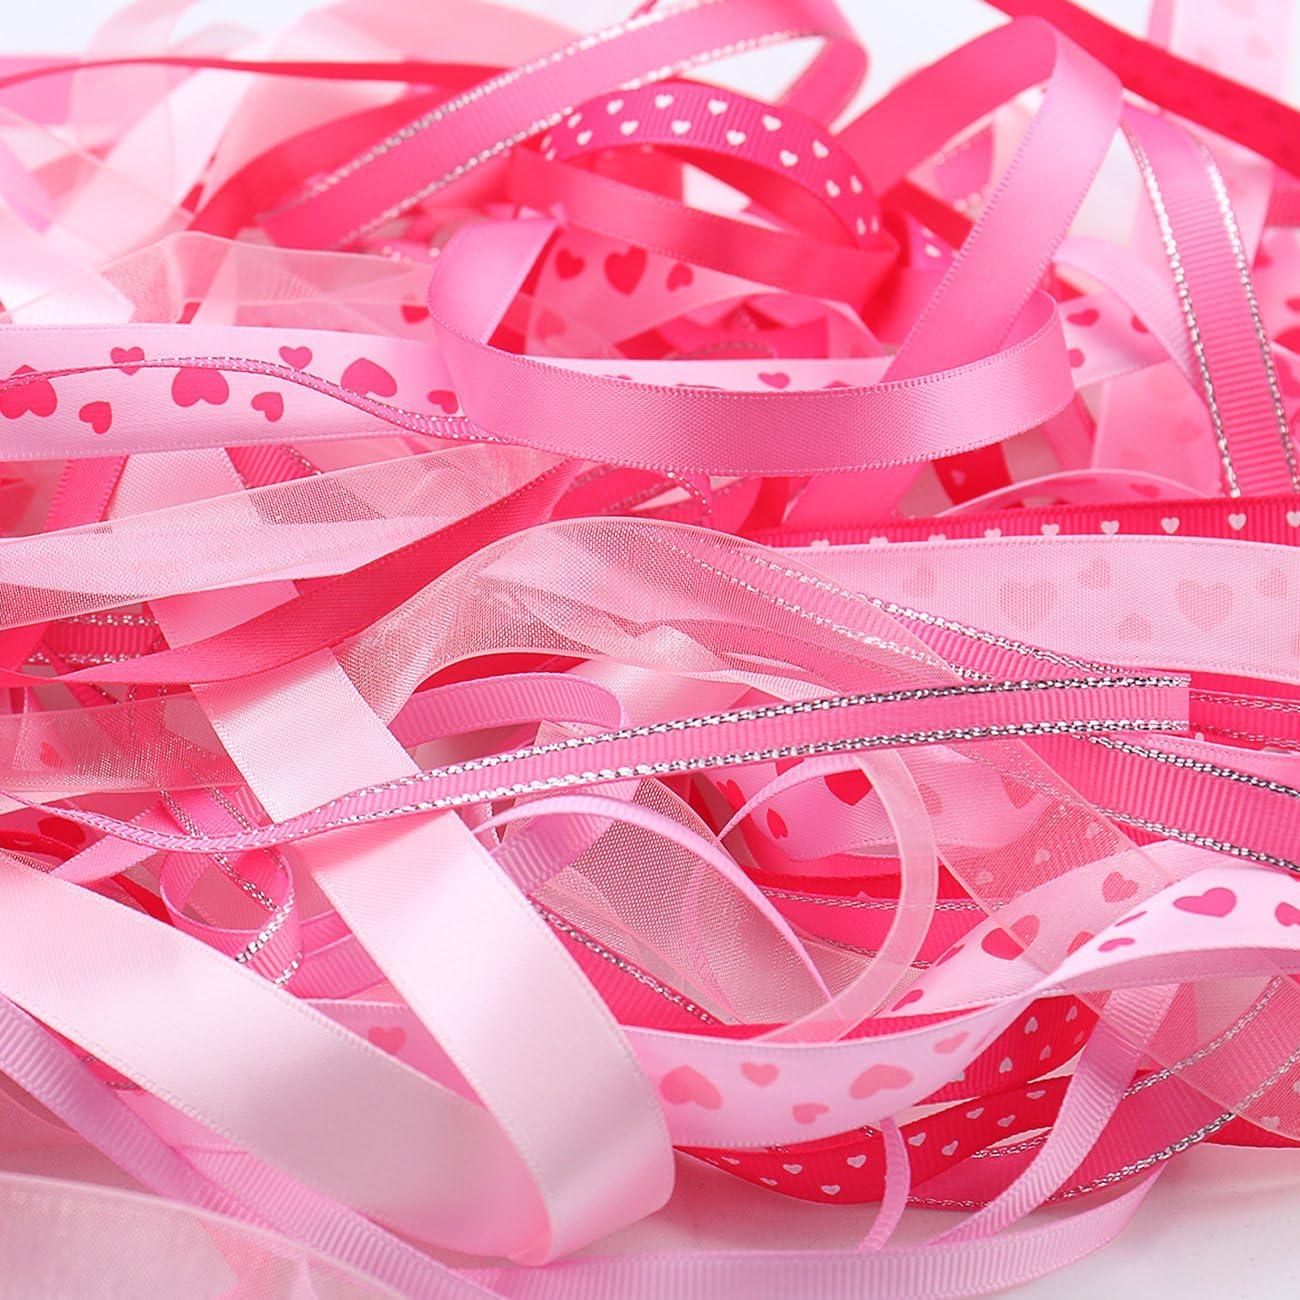 10 St/ück je 2m variieren Stil 6mm 16mm Satinband Schleifenband Dekoband Geschenkband Organzaband B/änder f/ür Hochzeit Taufe Pink Luxbon 20m